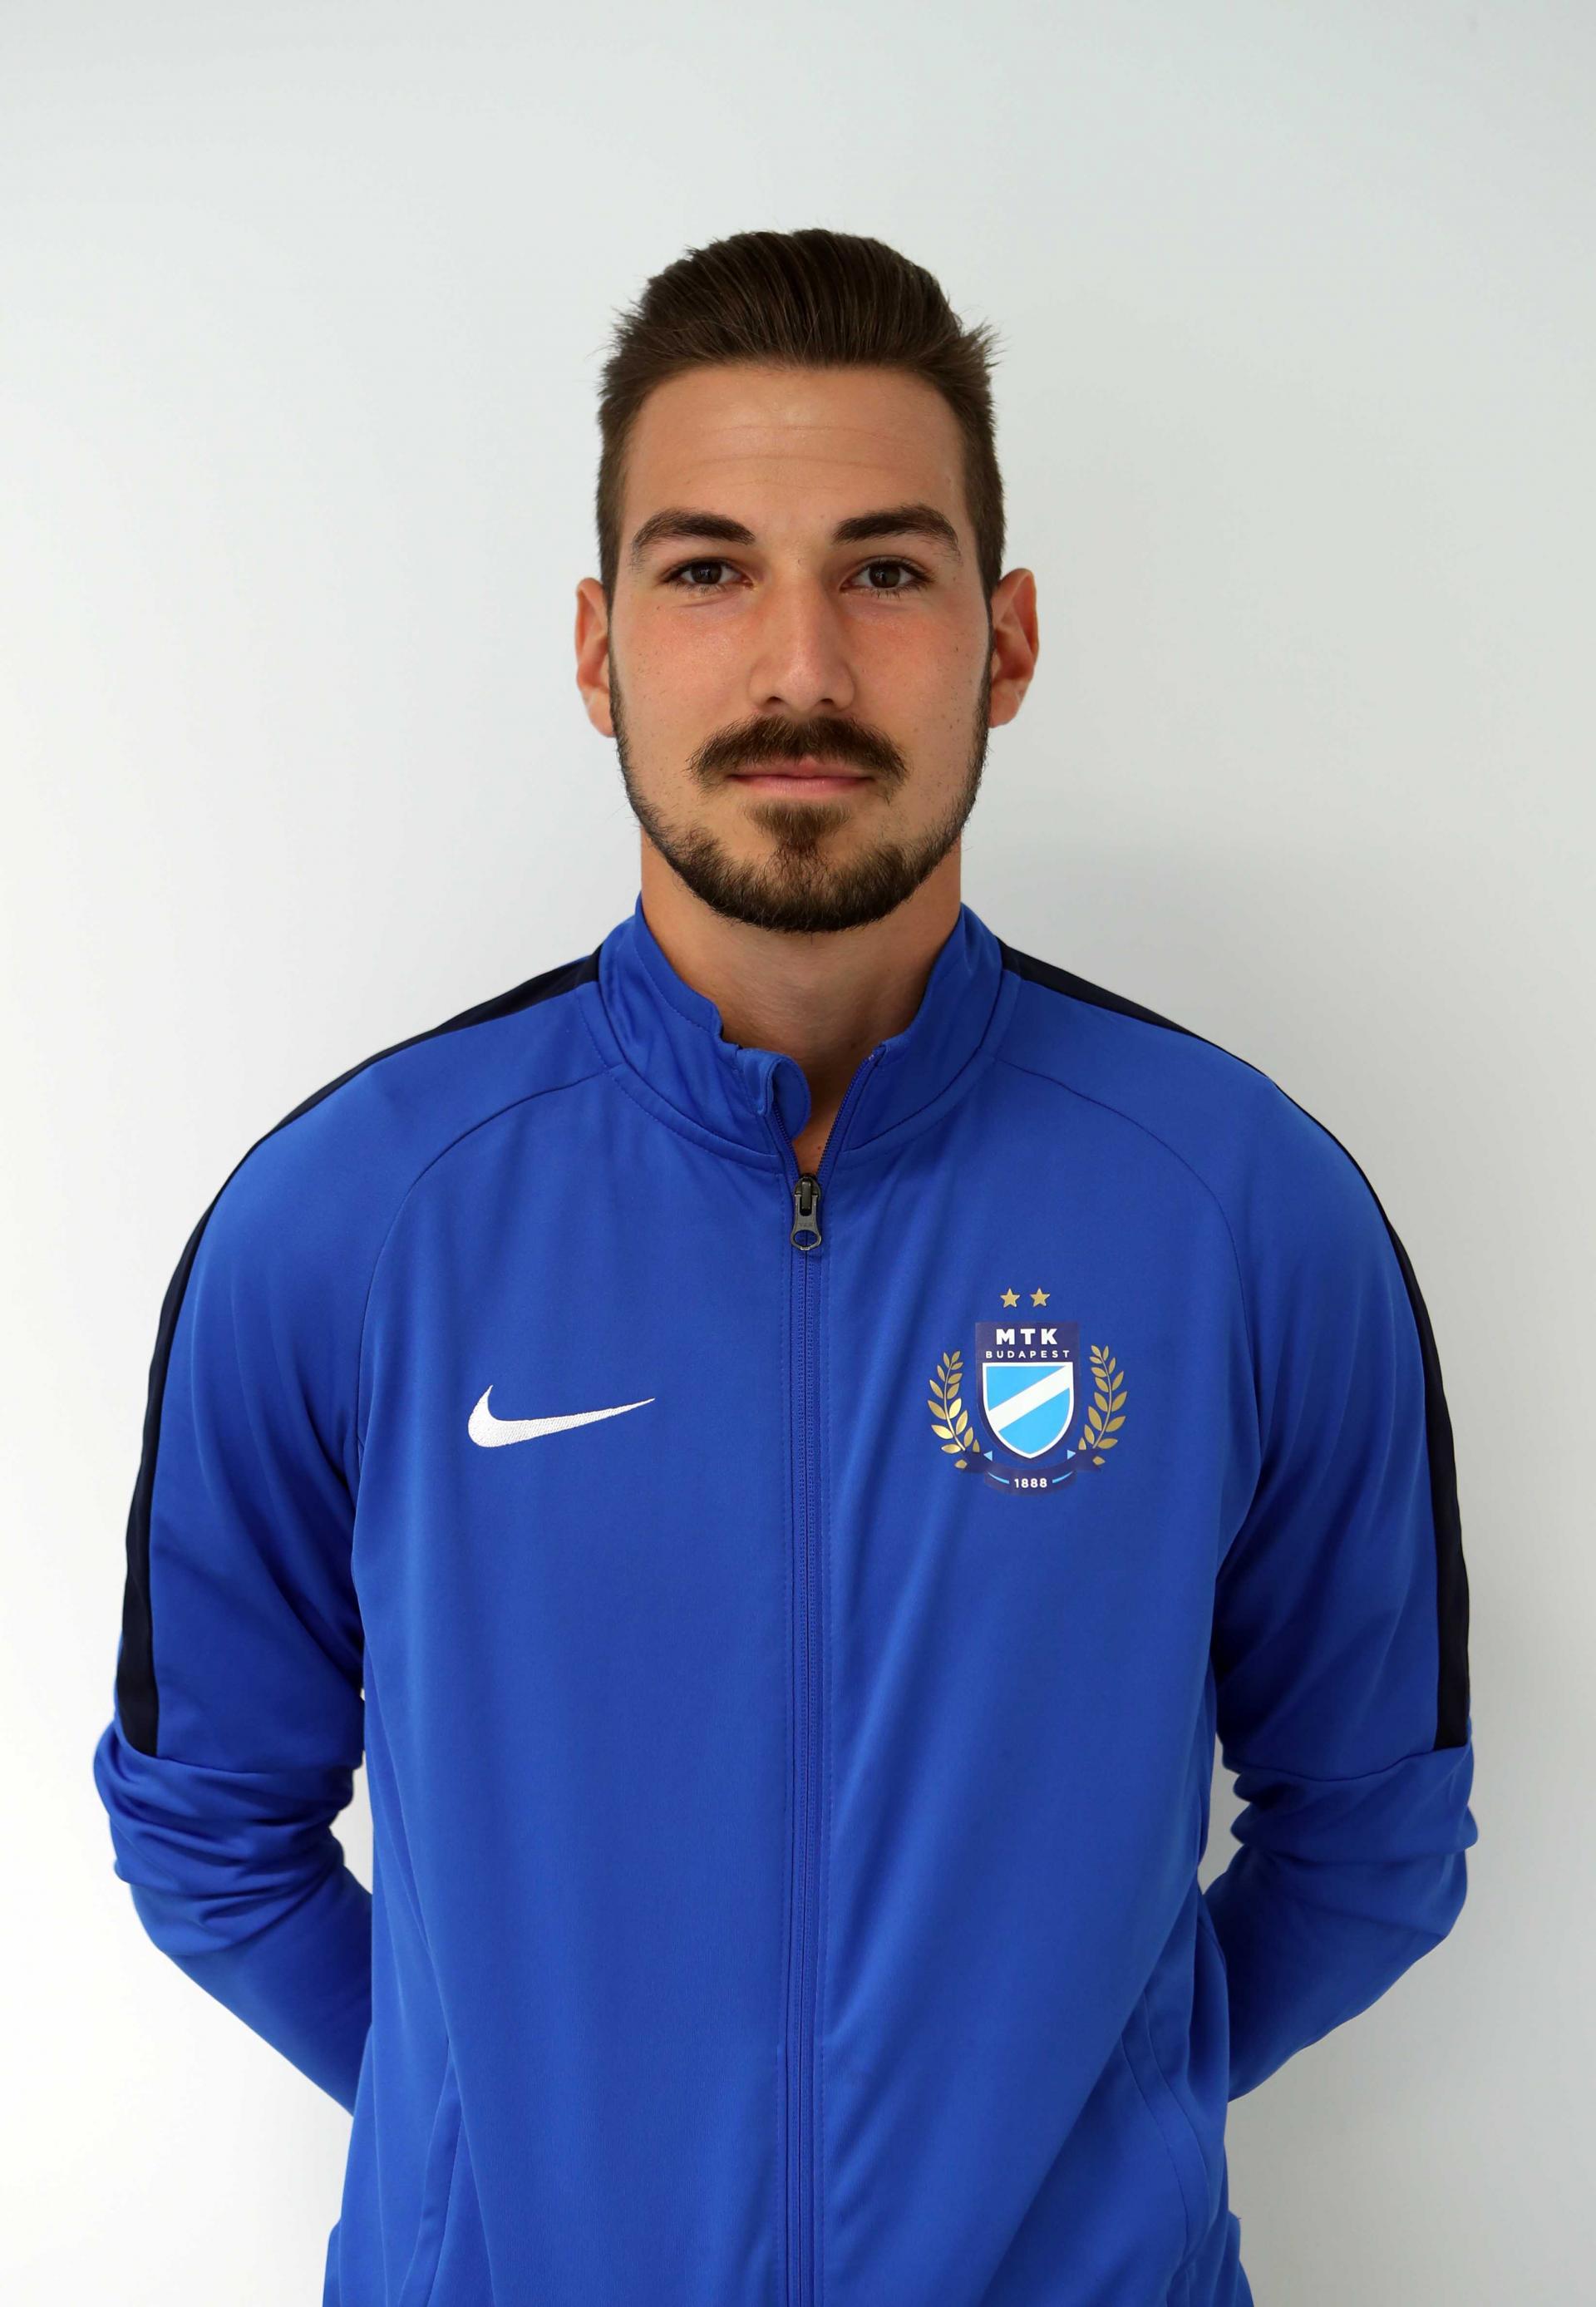 Gelics Márton